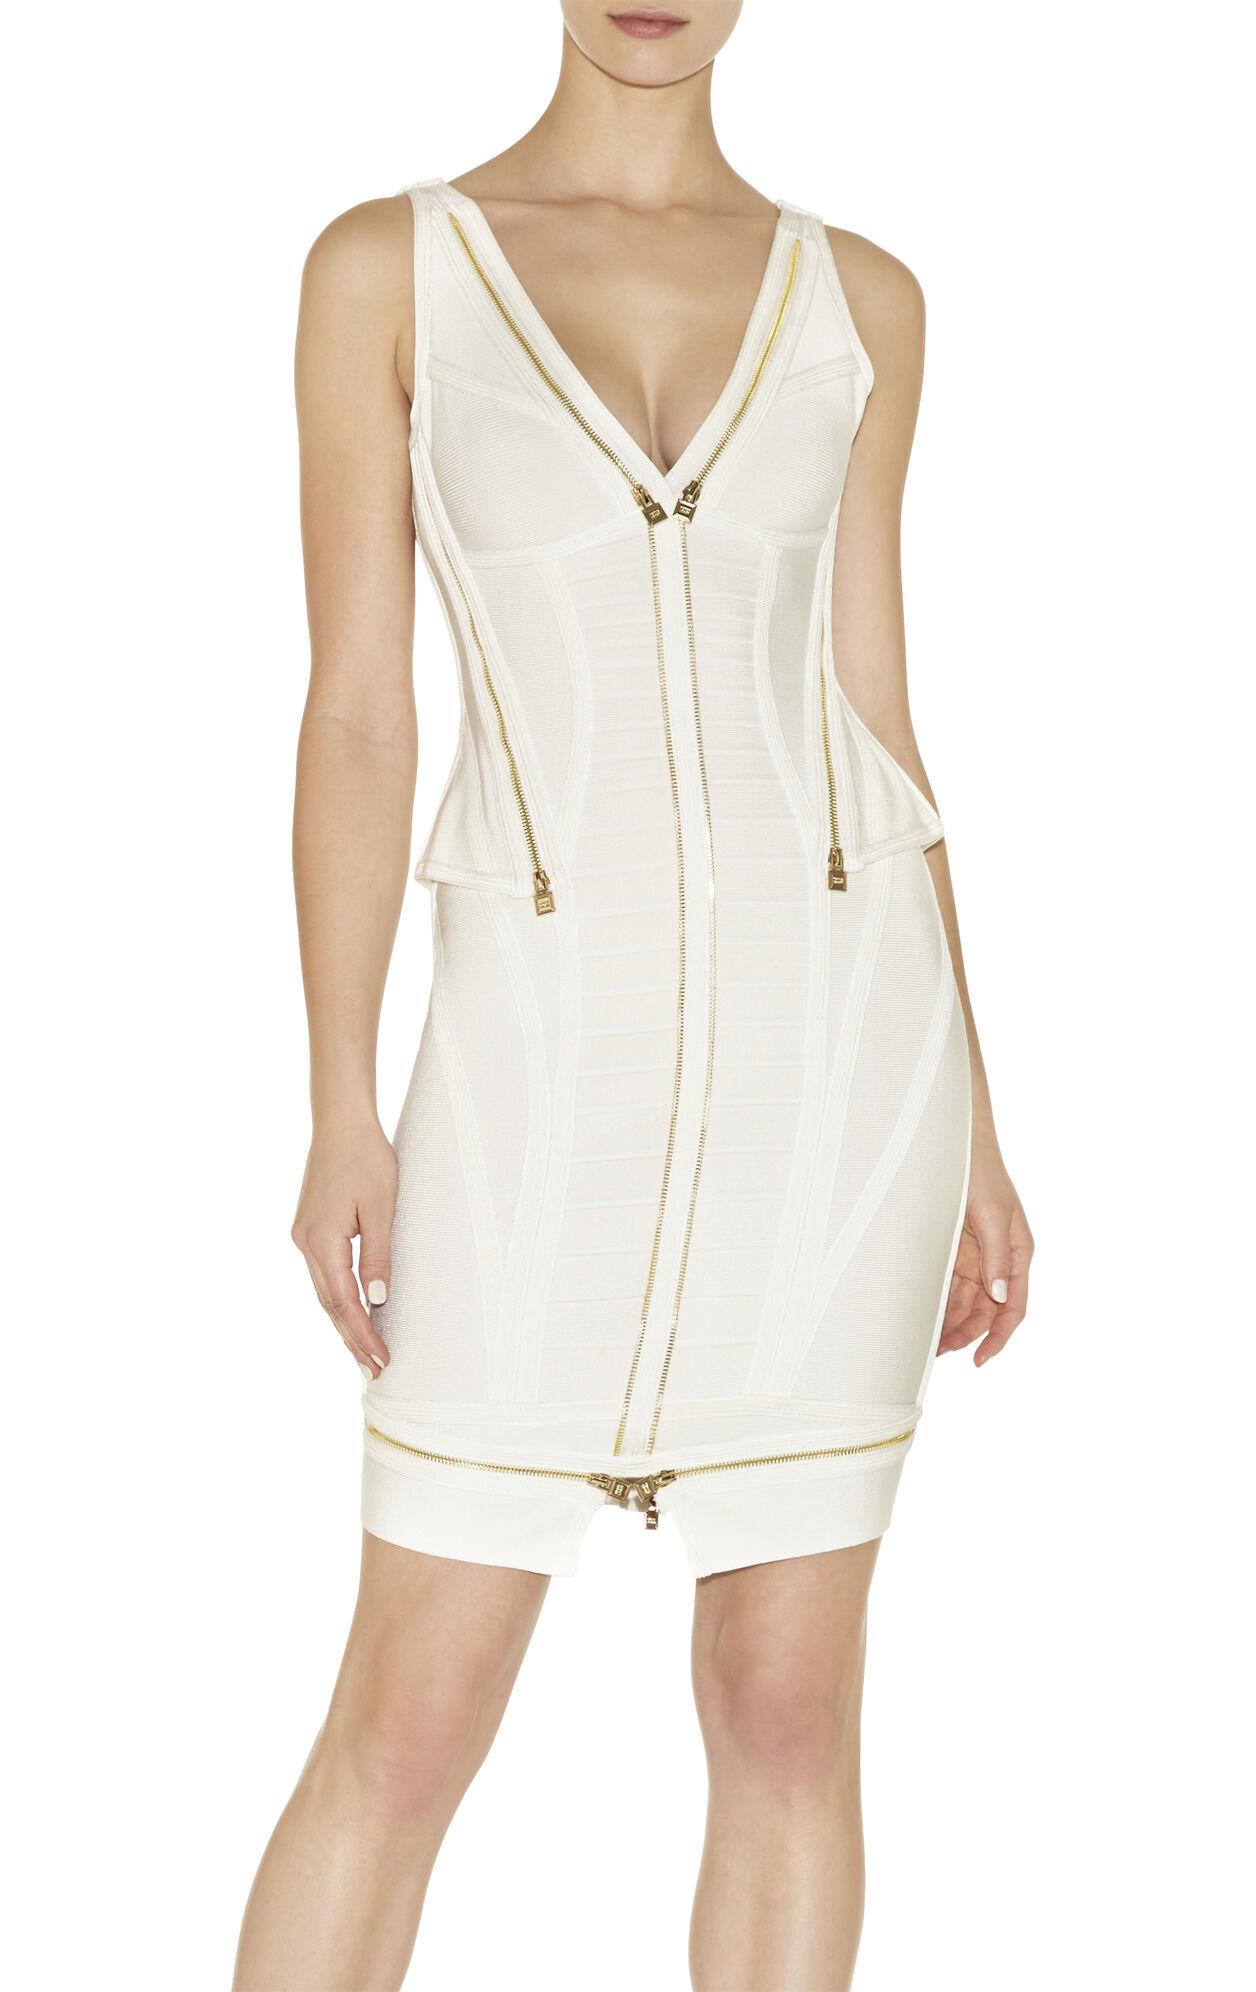 Jeanne Zipper-Detailed Dress